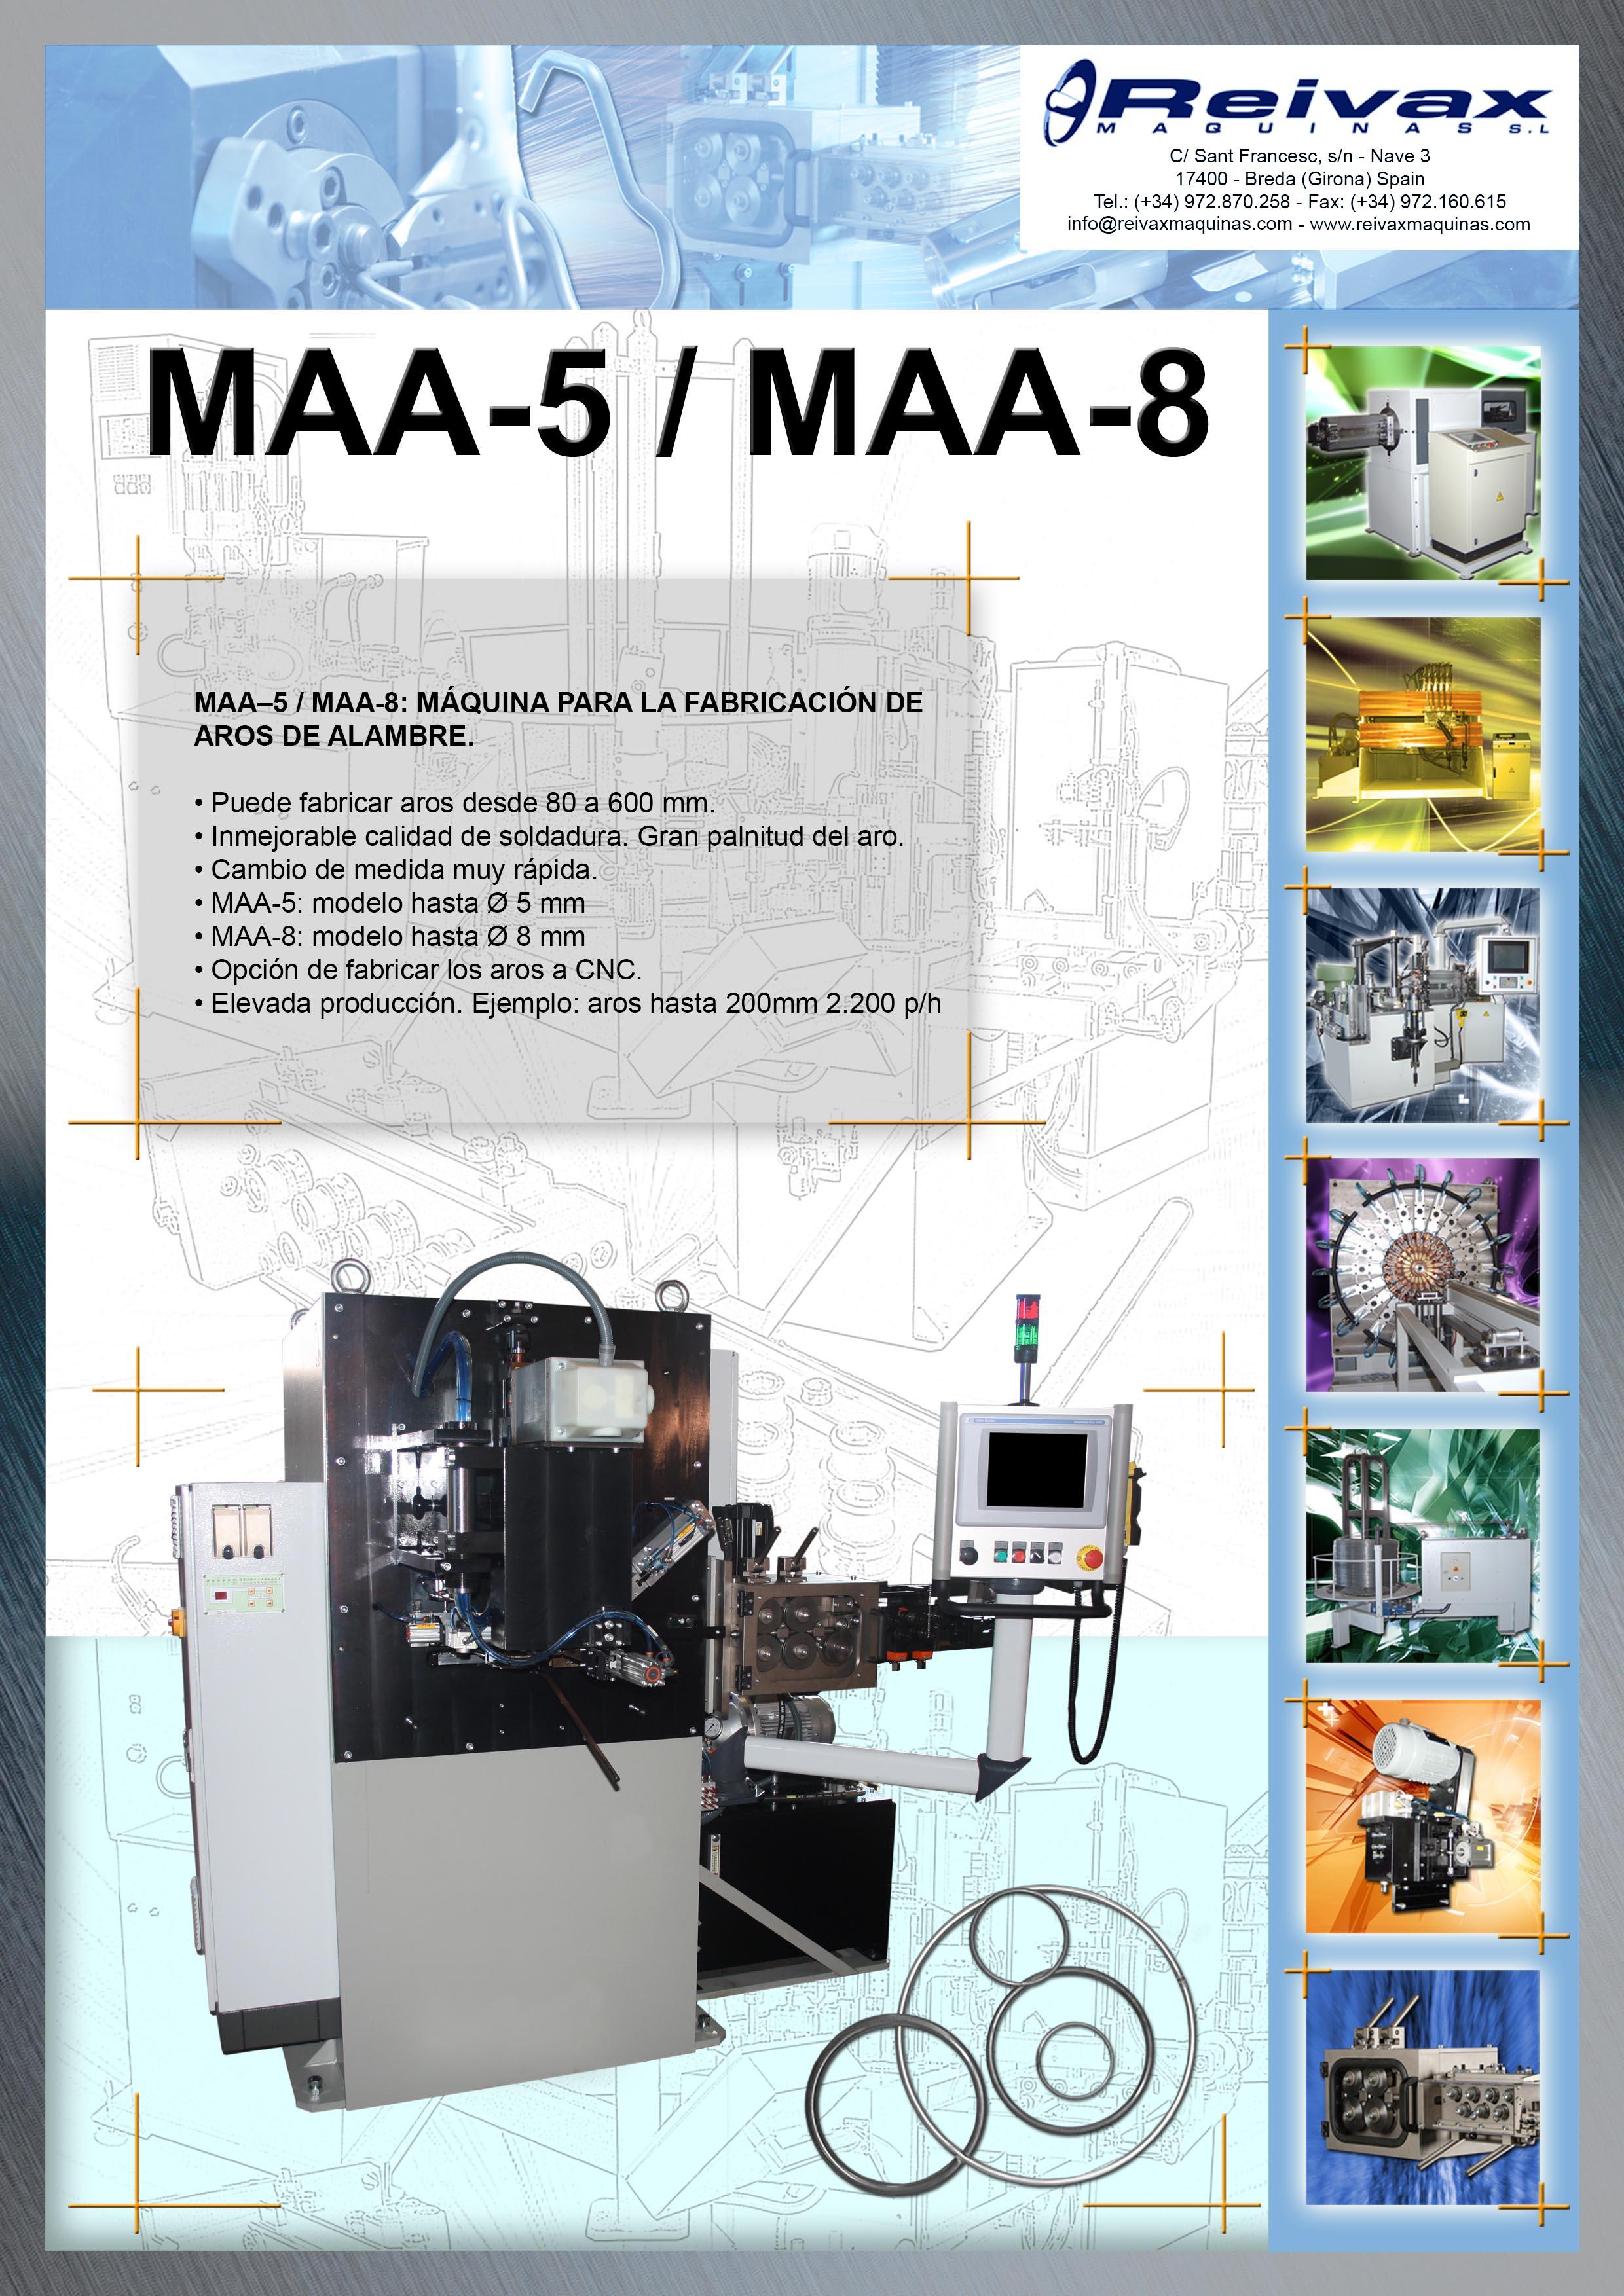 ReivaxMaquina: Ficha Tecnica MAA-5 - MAA-8